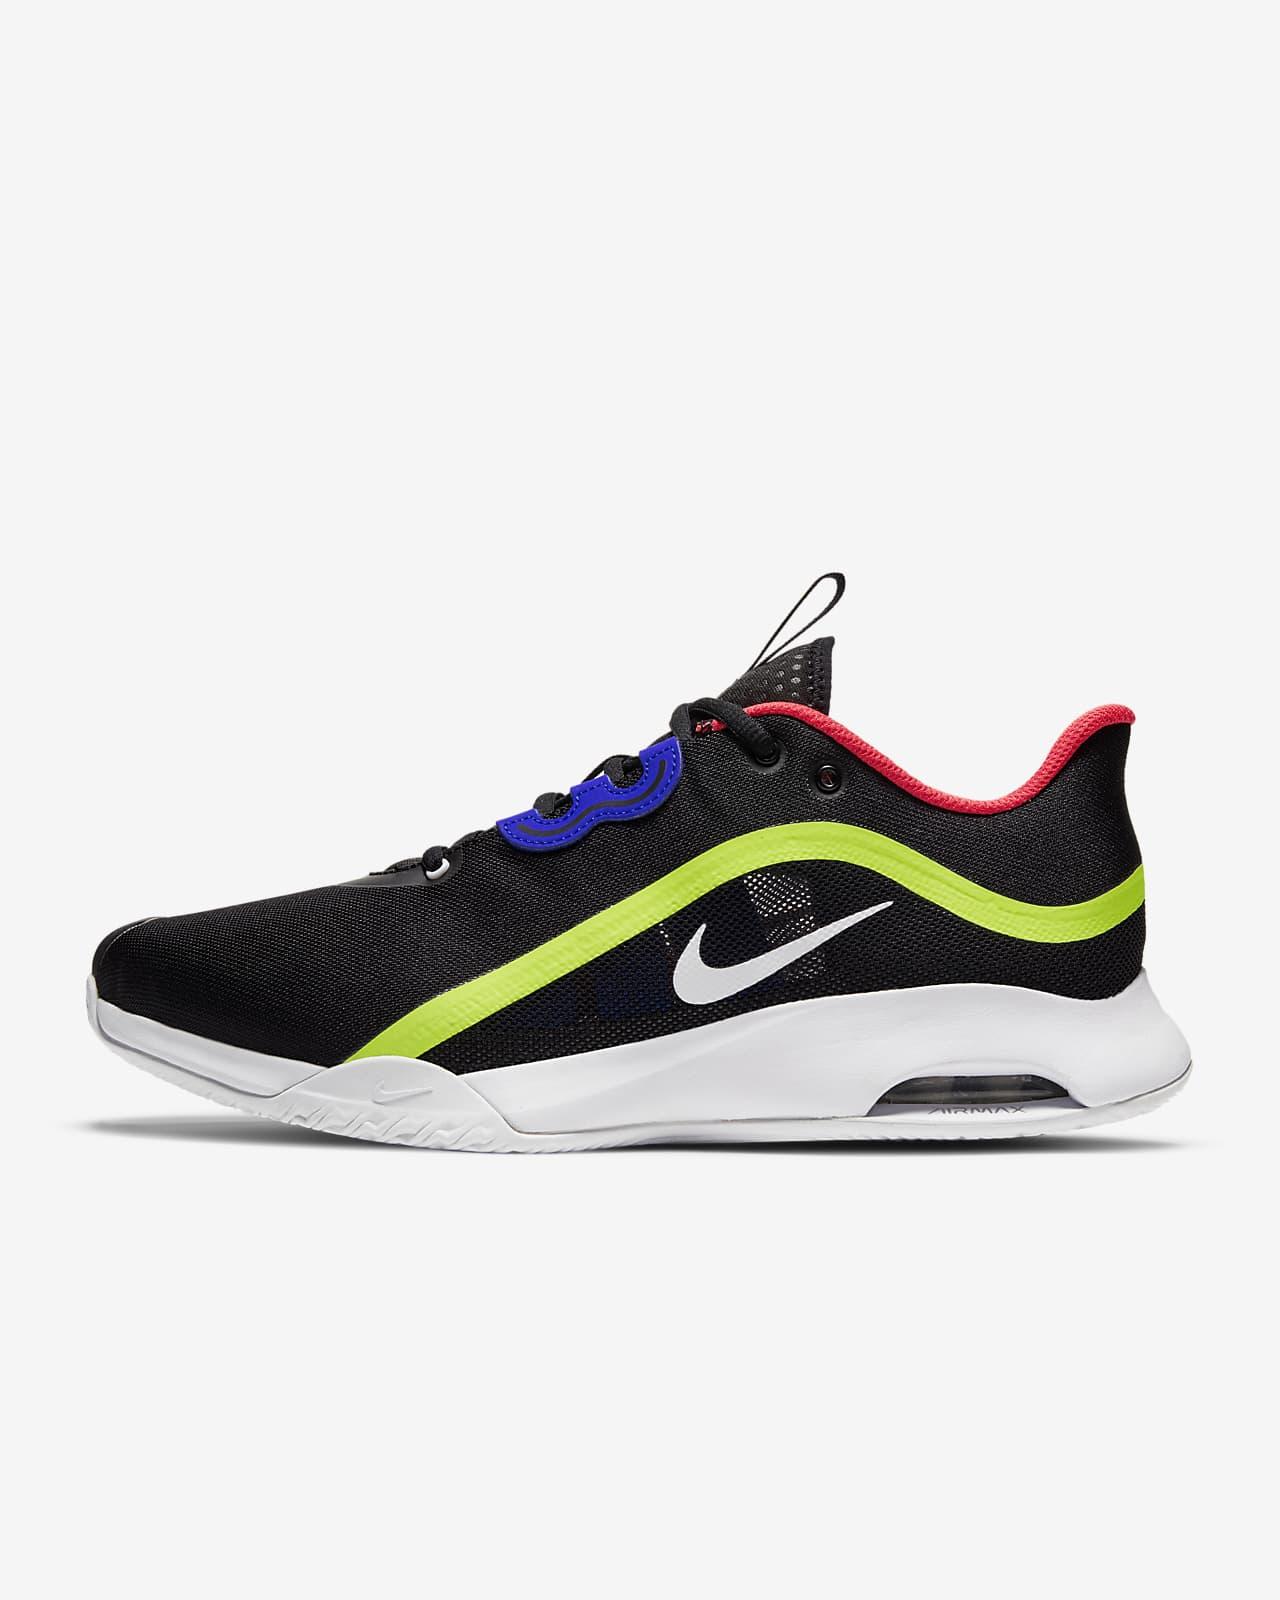 NikeCourt Air Max Volley Hardcourt tennisschoen voor heren